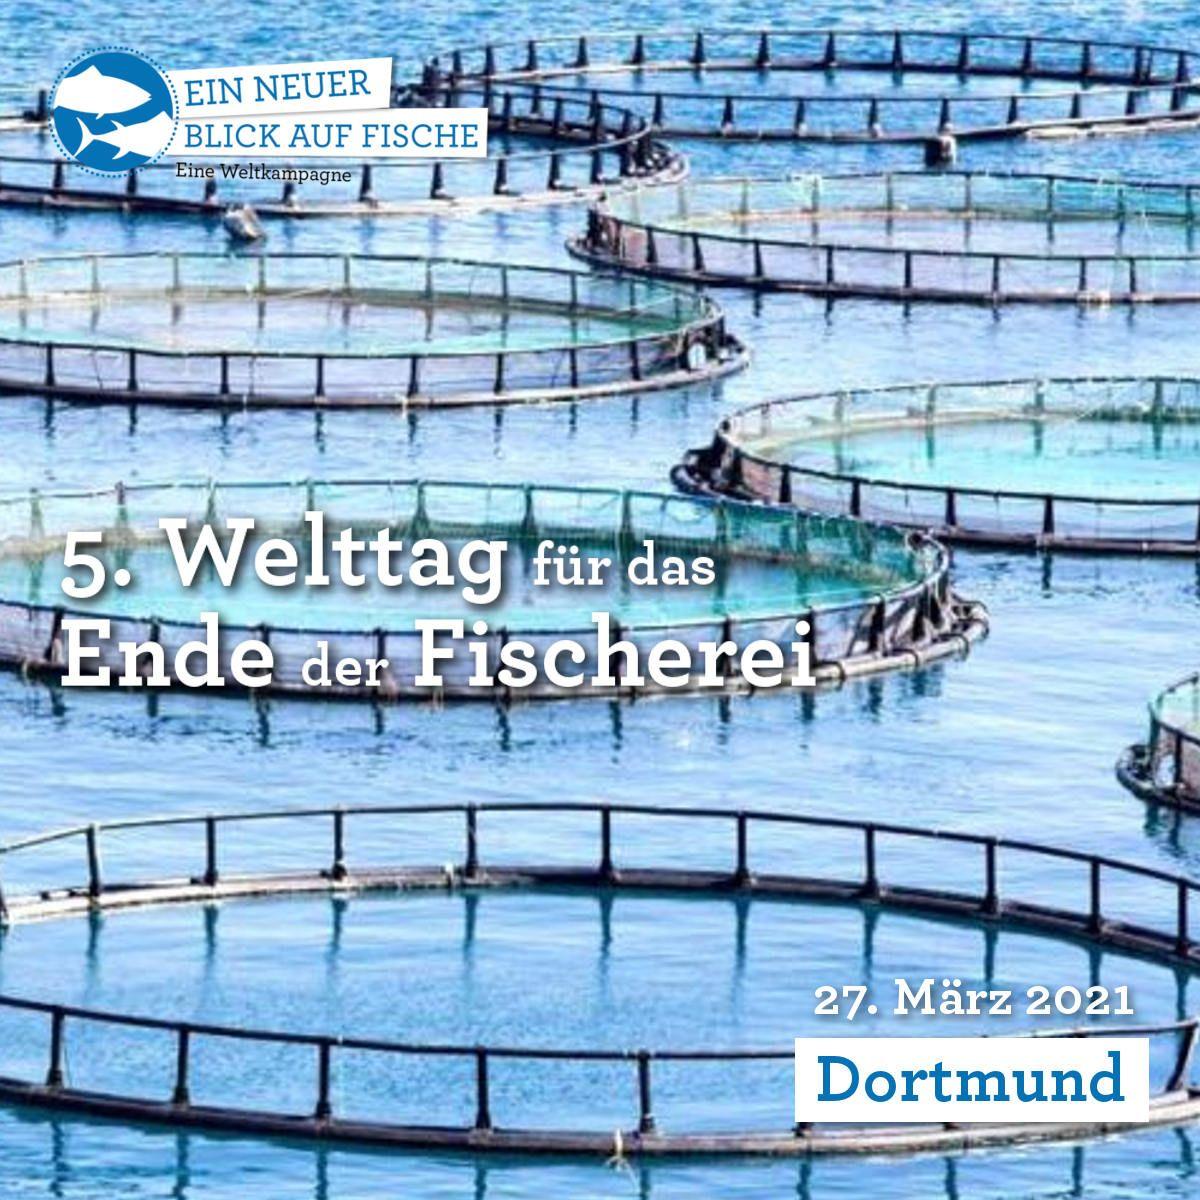 Welttag für das Ende der Fischerei – Dortmund